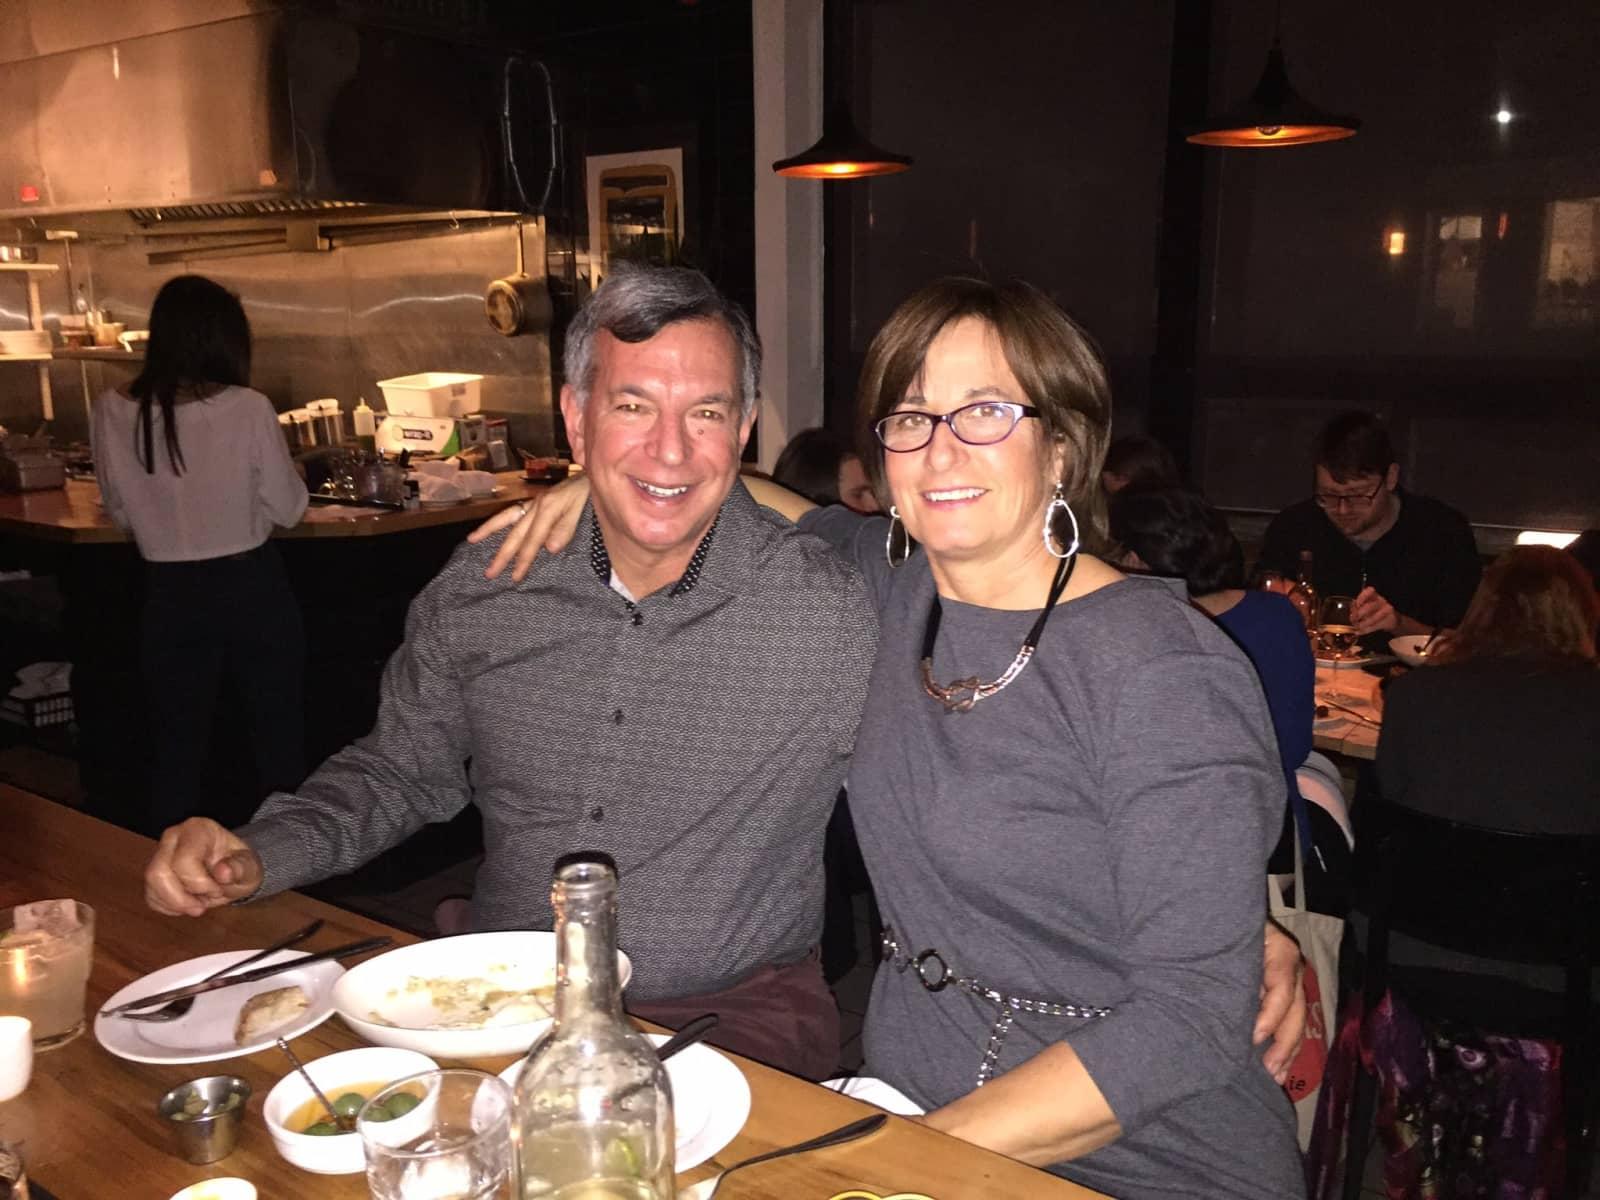 Karen & Thomas from Ottawa, Ontario, Canada